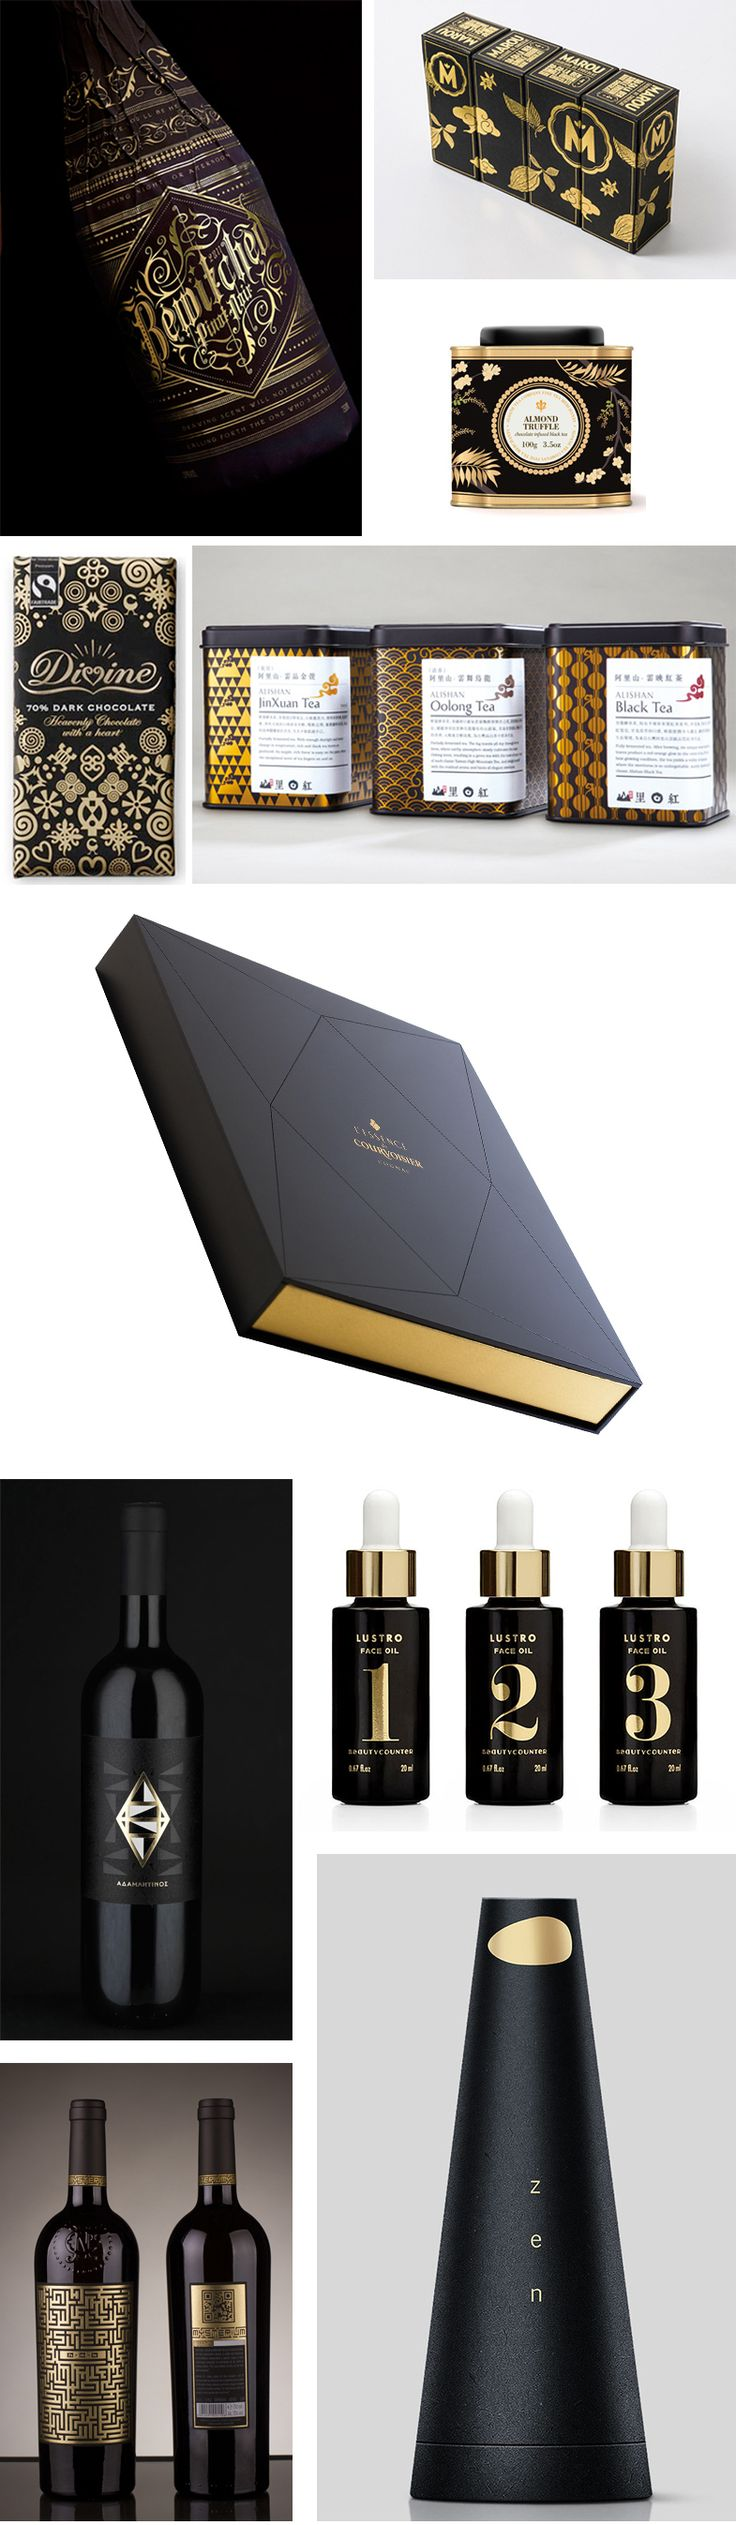 Gold and Black Förpackad -Blogg om Förpackningsdesign, Förpackningar, Grafisk Design - CAP&Design